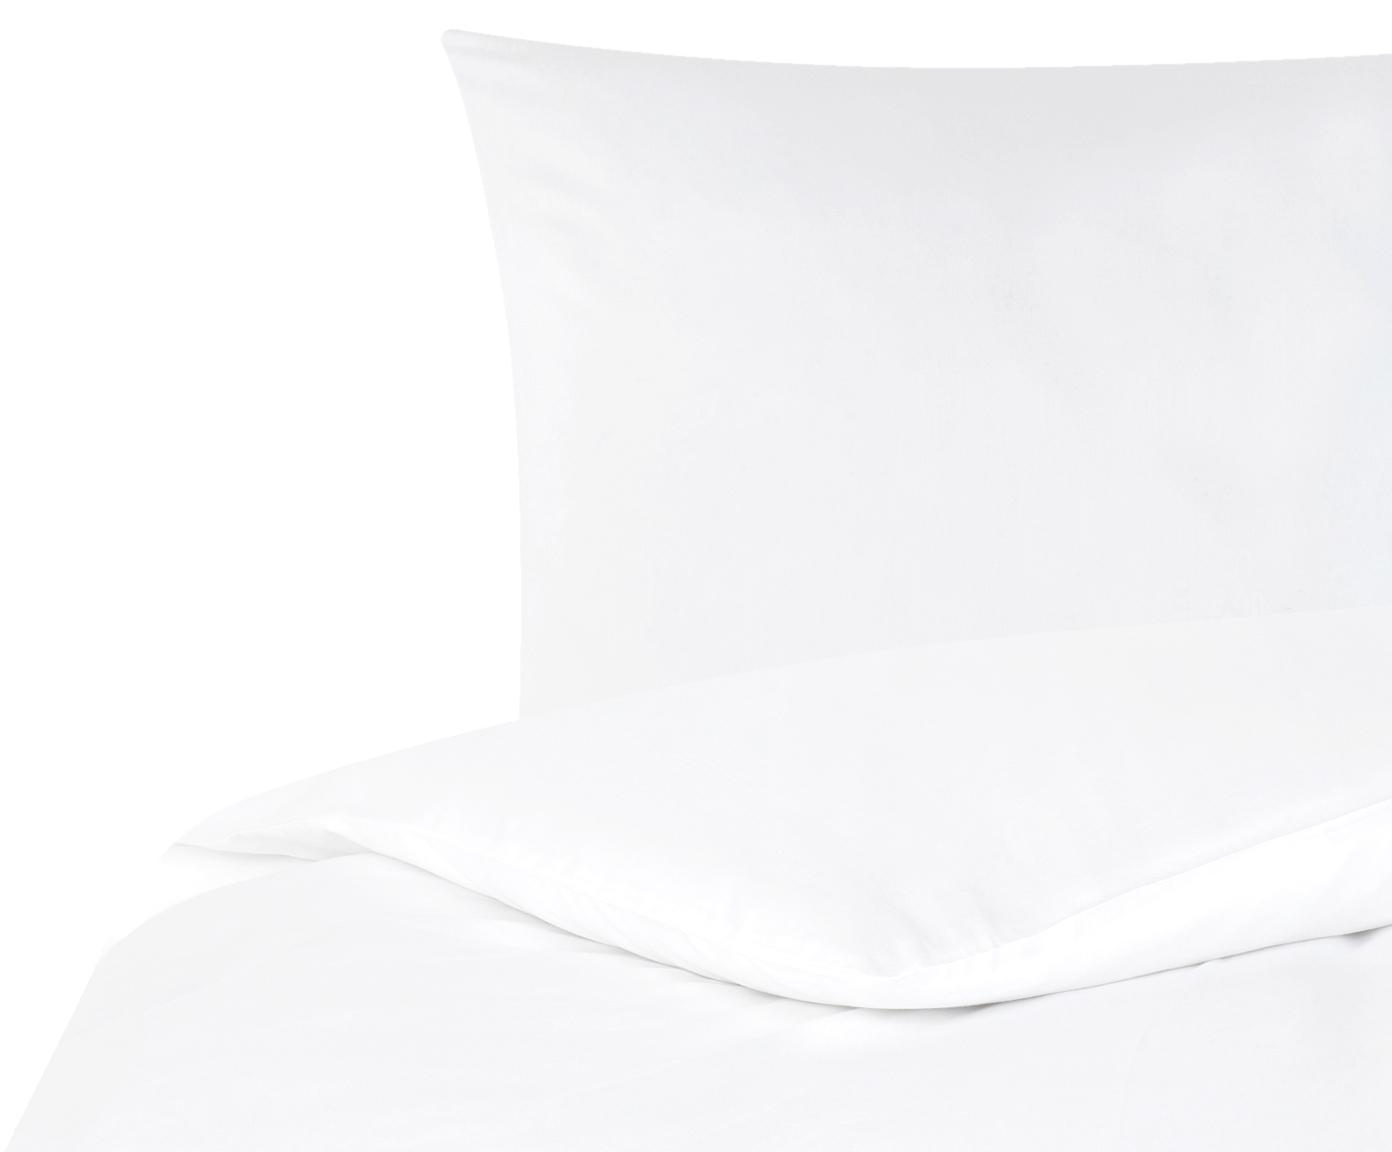 Baumwollsatin-Bettwäsche Comfort in Weiss, Webart: Satin Fadendichte 250 TC,, Weiss, 155 x 220 cm + 1 Kissen 80 x 80 cm